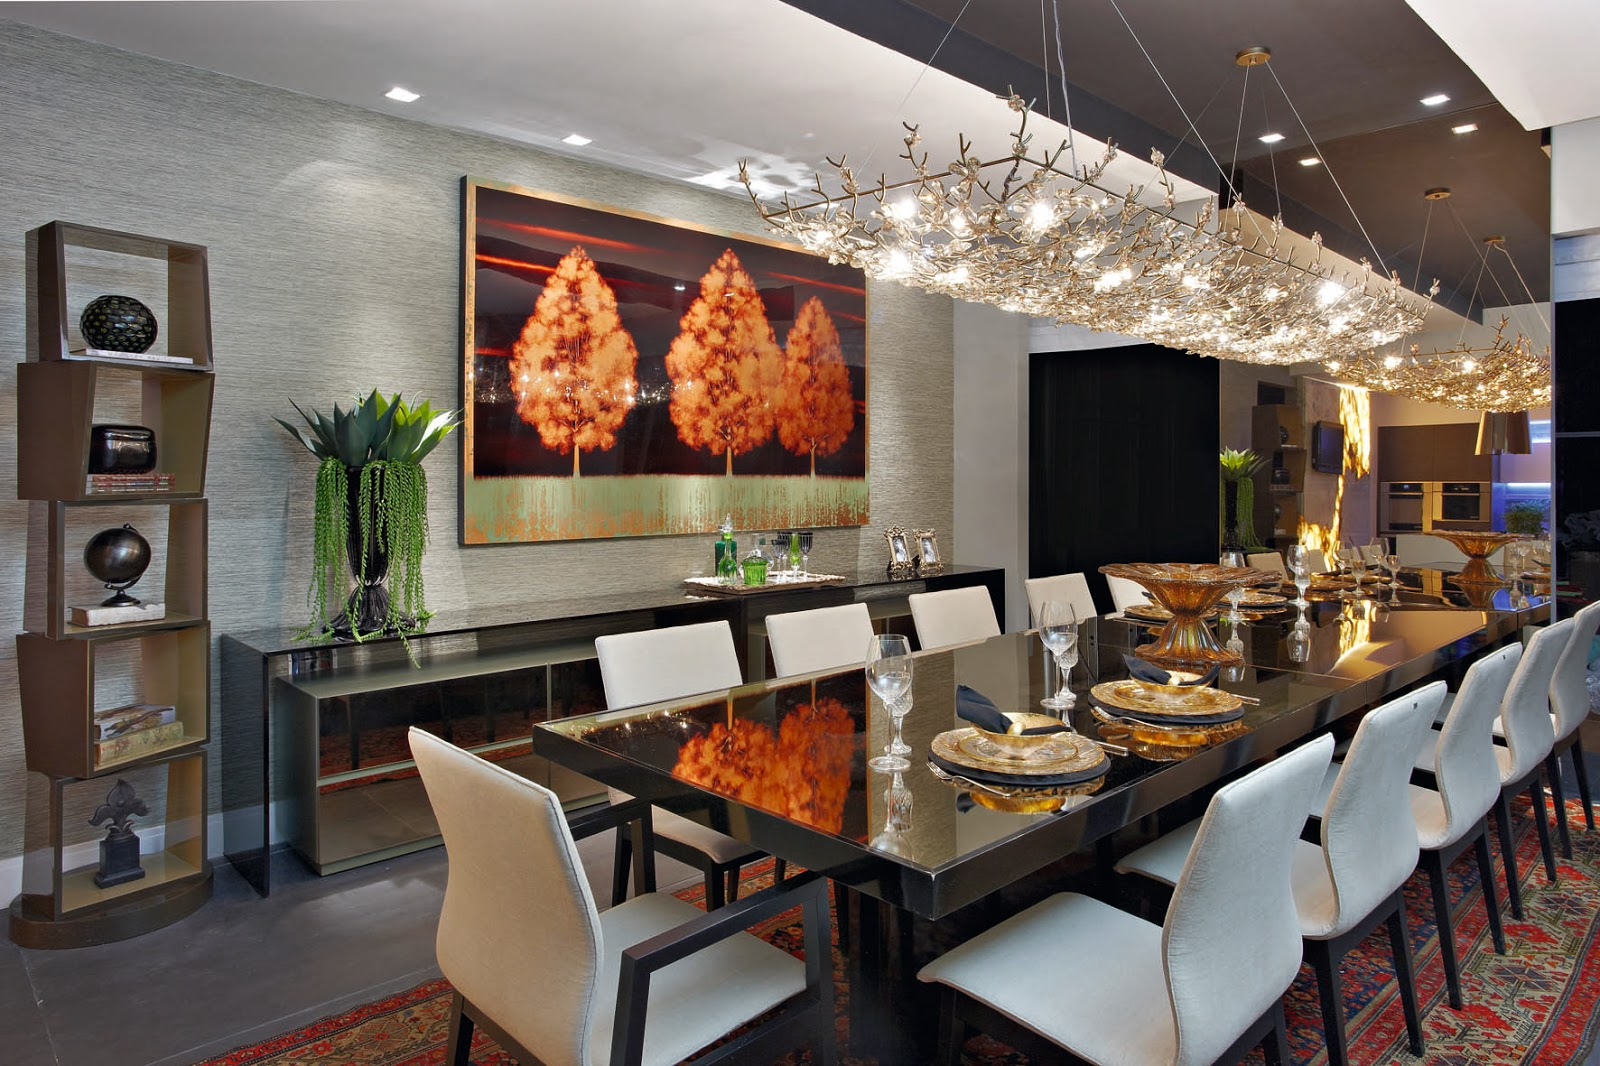 Salas De Jantar 50 Modelos Maravilhosos E Dicas De Como Decorar  -> Sala De Jantar Pequena Com Mesa De Marmore